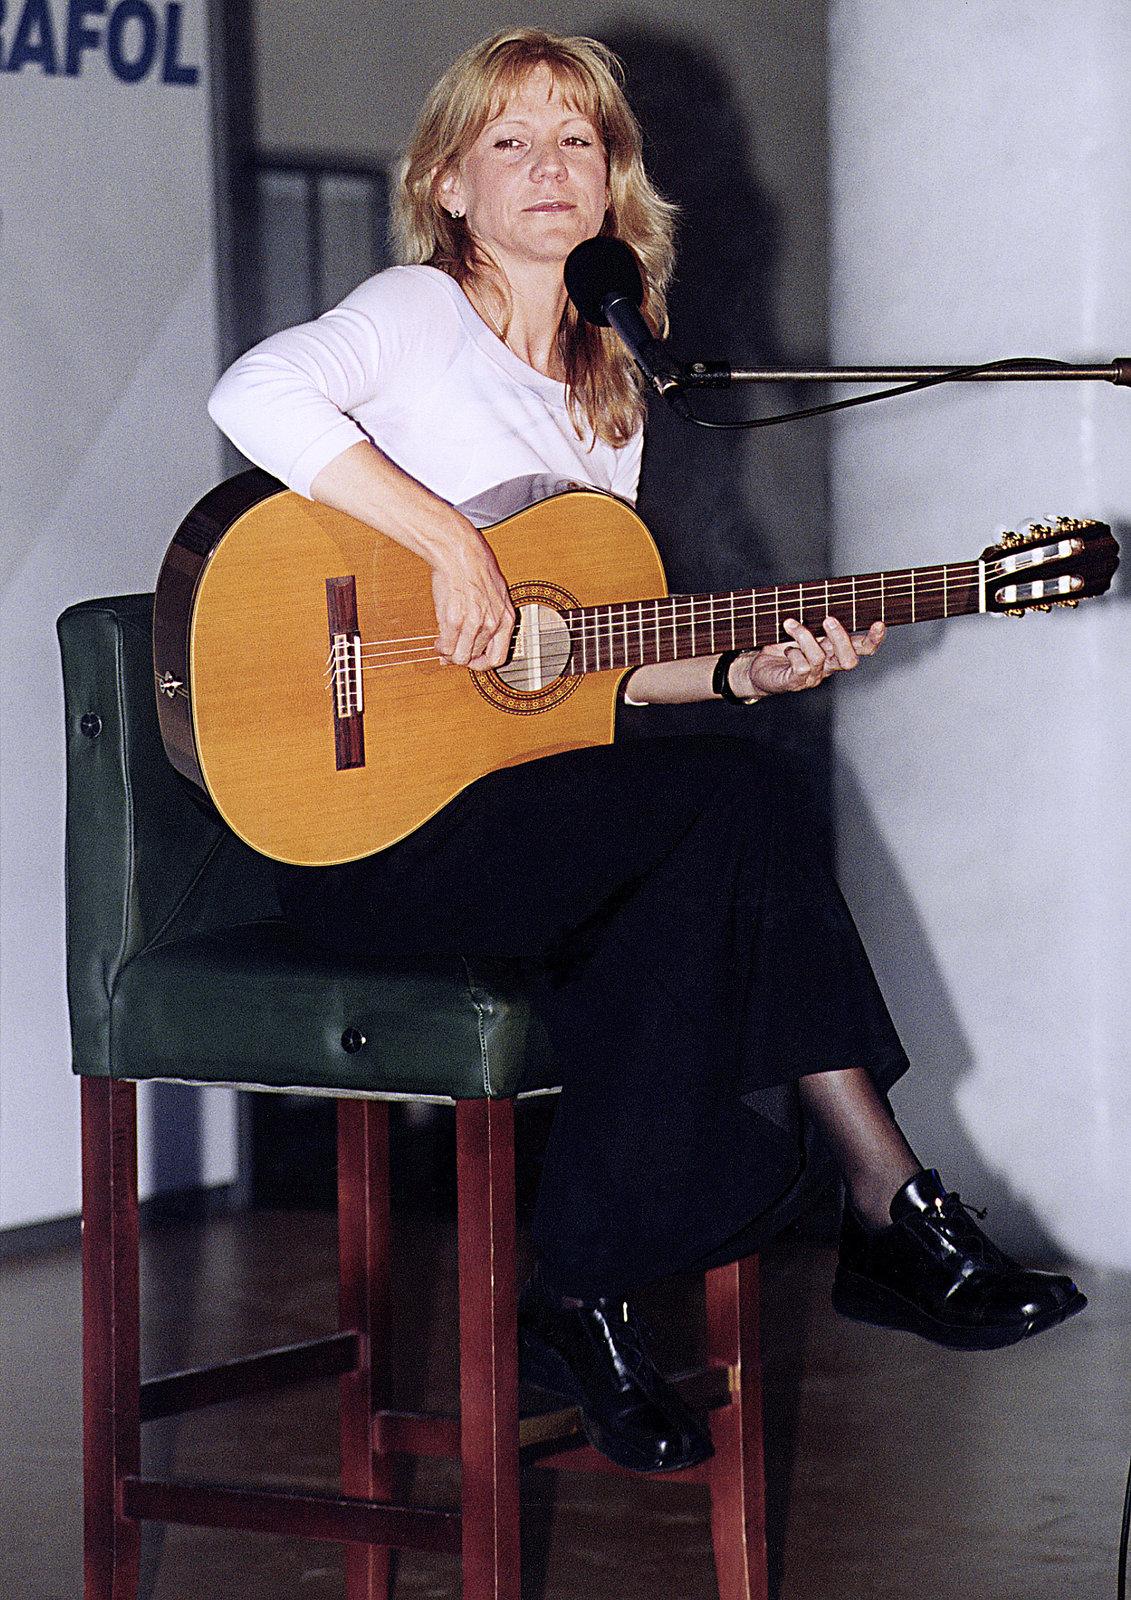 Takto vídají fanoušci zpěvačku nejraději. S kytarou na pódiu.